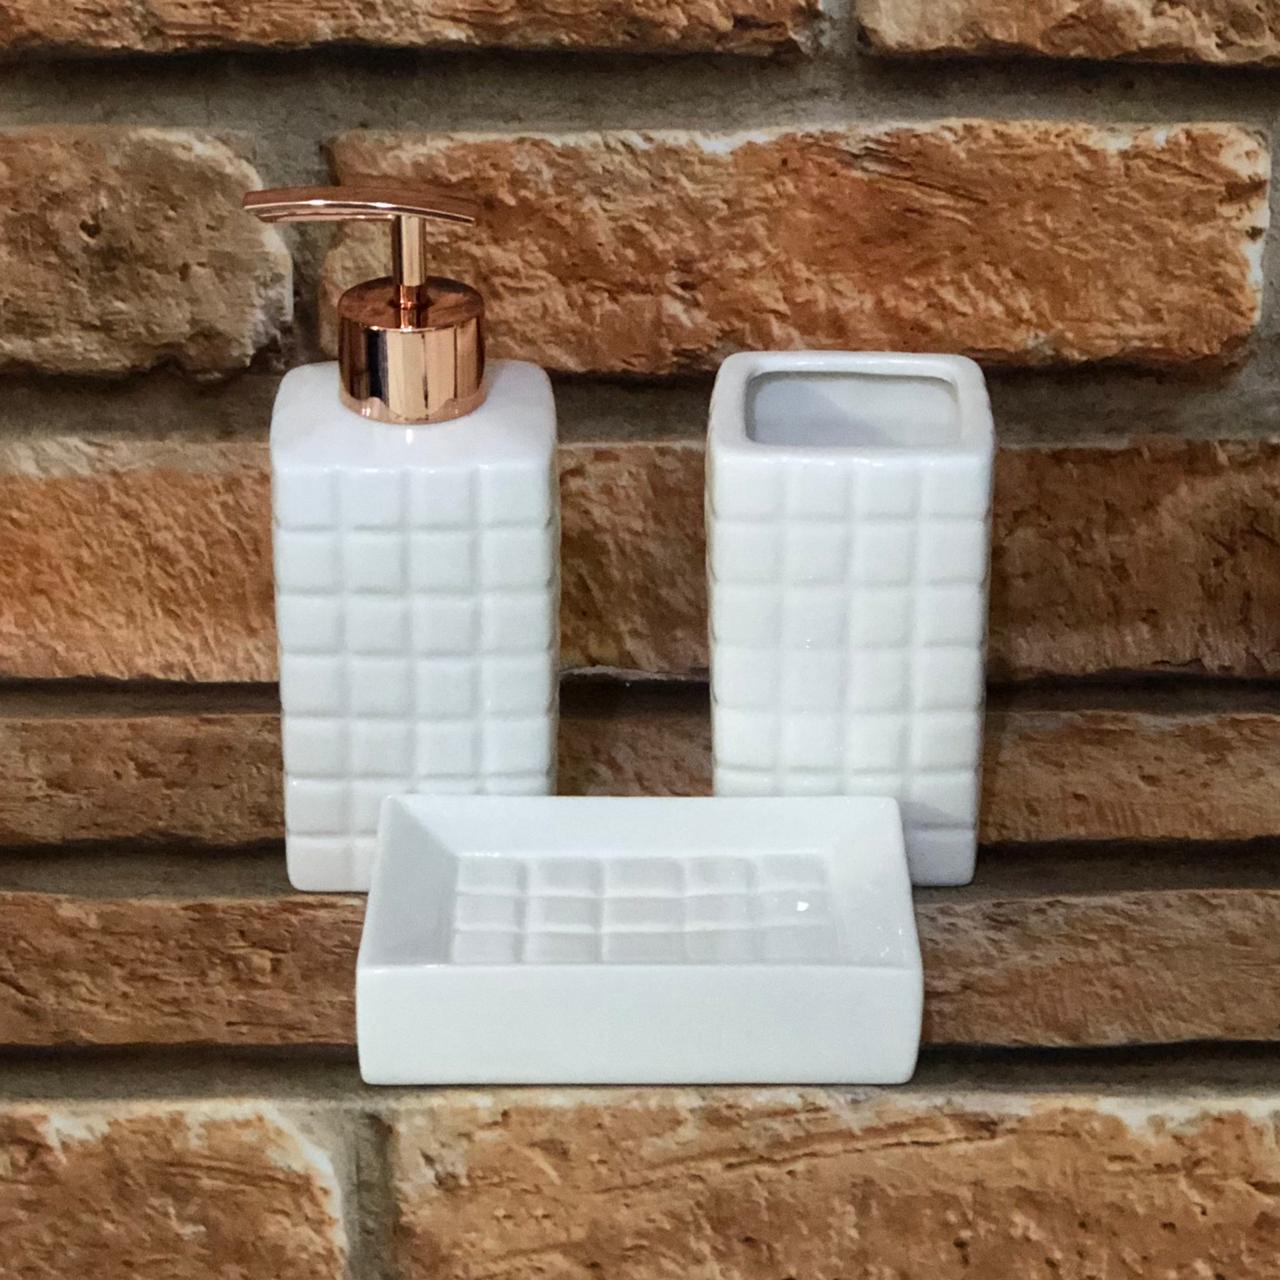 Kit de Banheiro 3 peças de Porcelana Branco Quadriculado